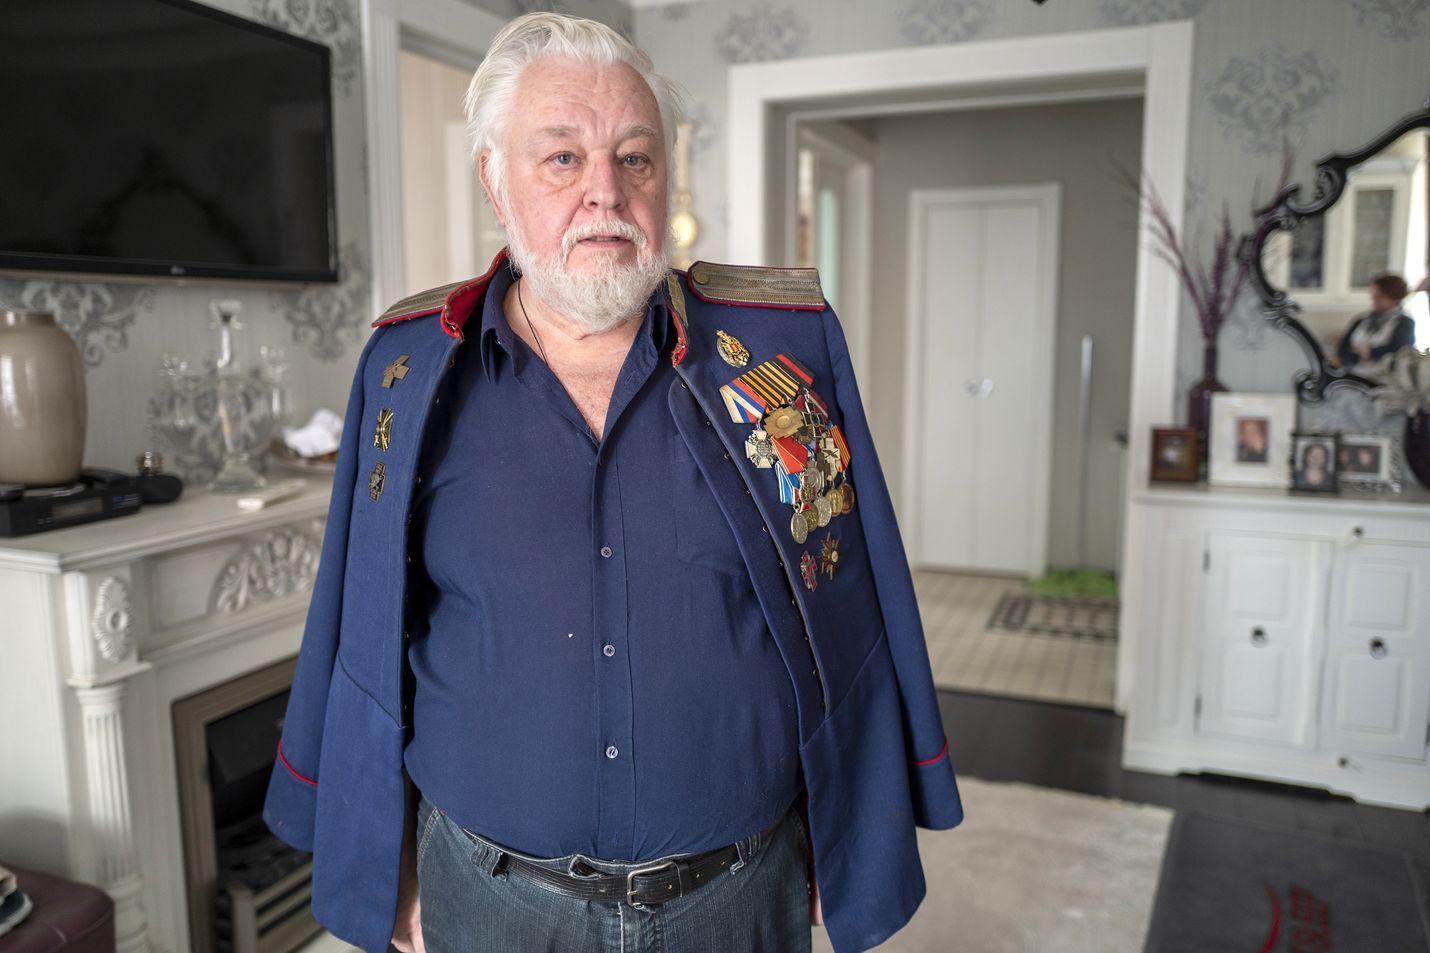 Nevan rannalla Stalinin aikaisessa kivitalossa asuva Boris Almazov on kasakoiden merkittävä kulttuurihahmo, joka on kirjoittanut aiheesta kirjoja ja tuntee kasakkamusiikin ja runouden. Hän esittelee aitoa kasakkatakkia, joka on sininen.